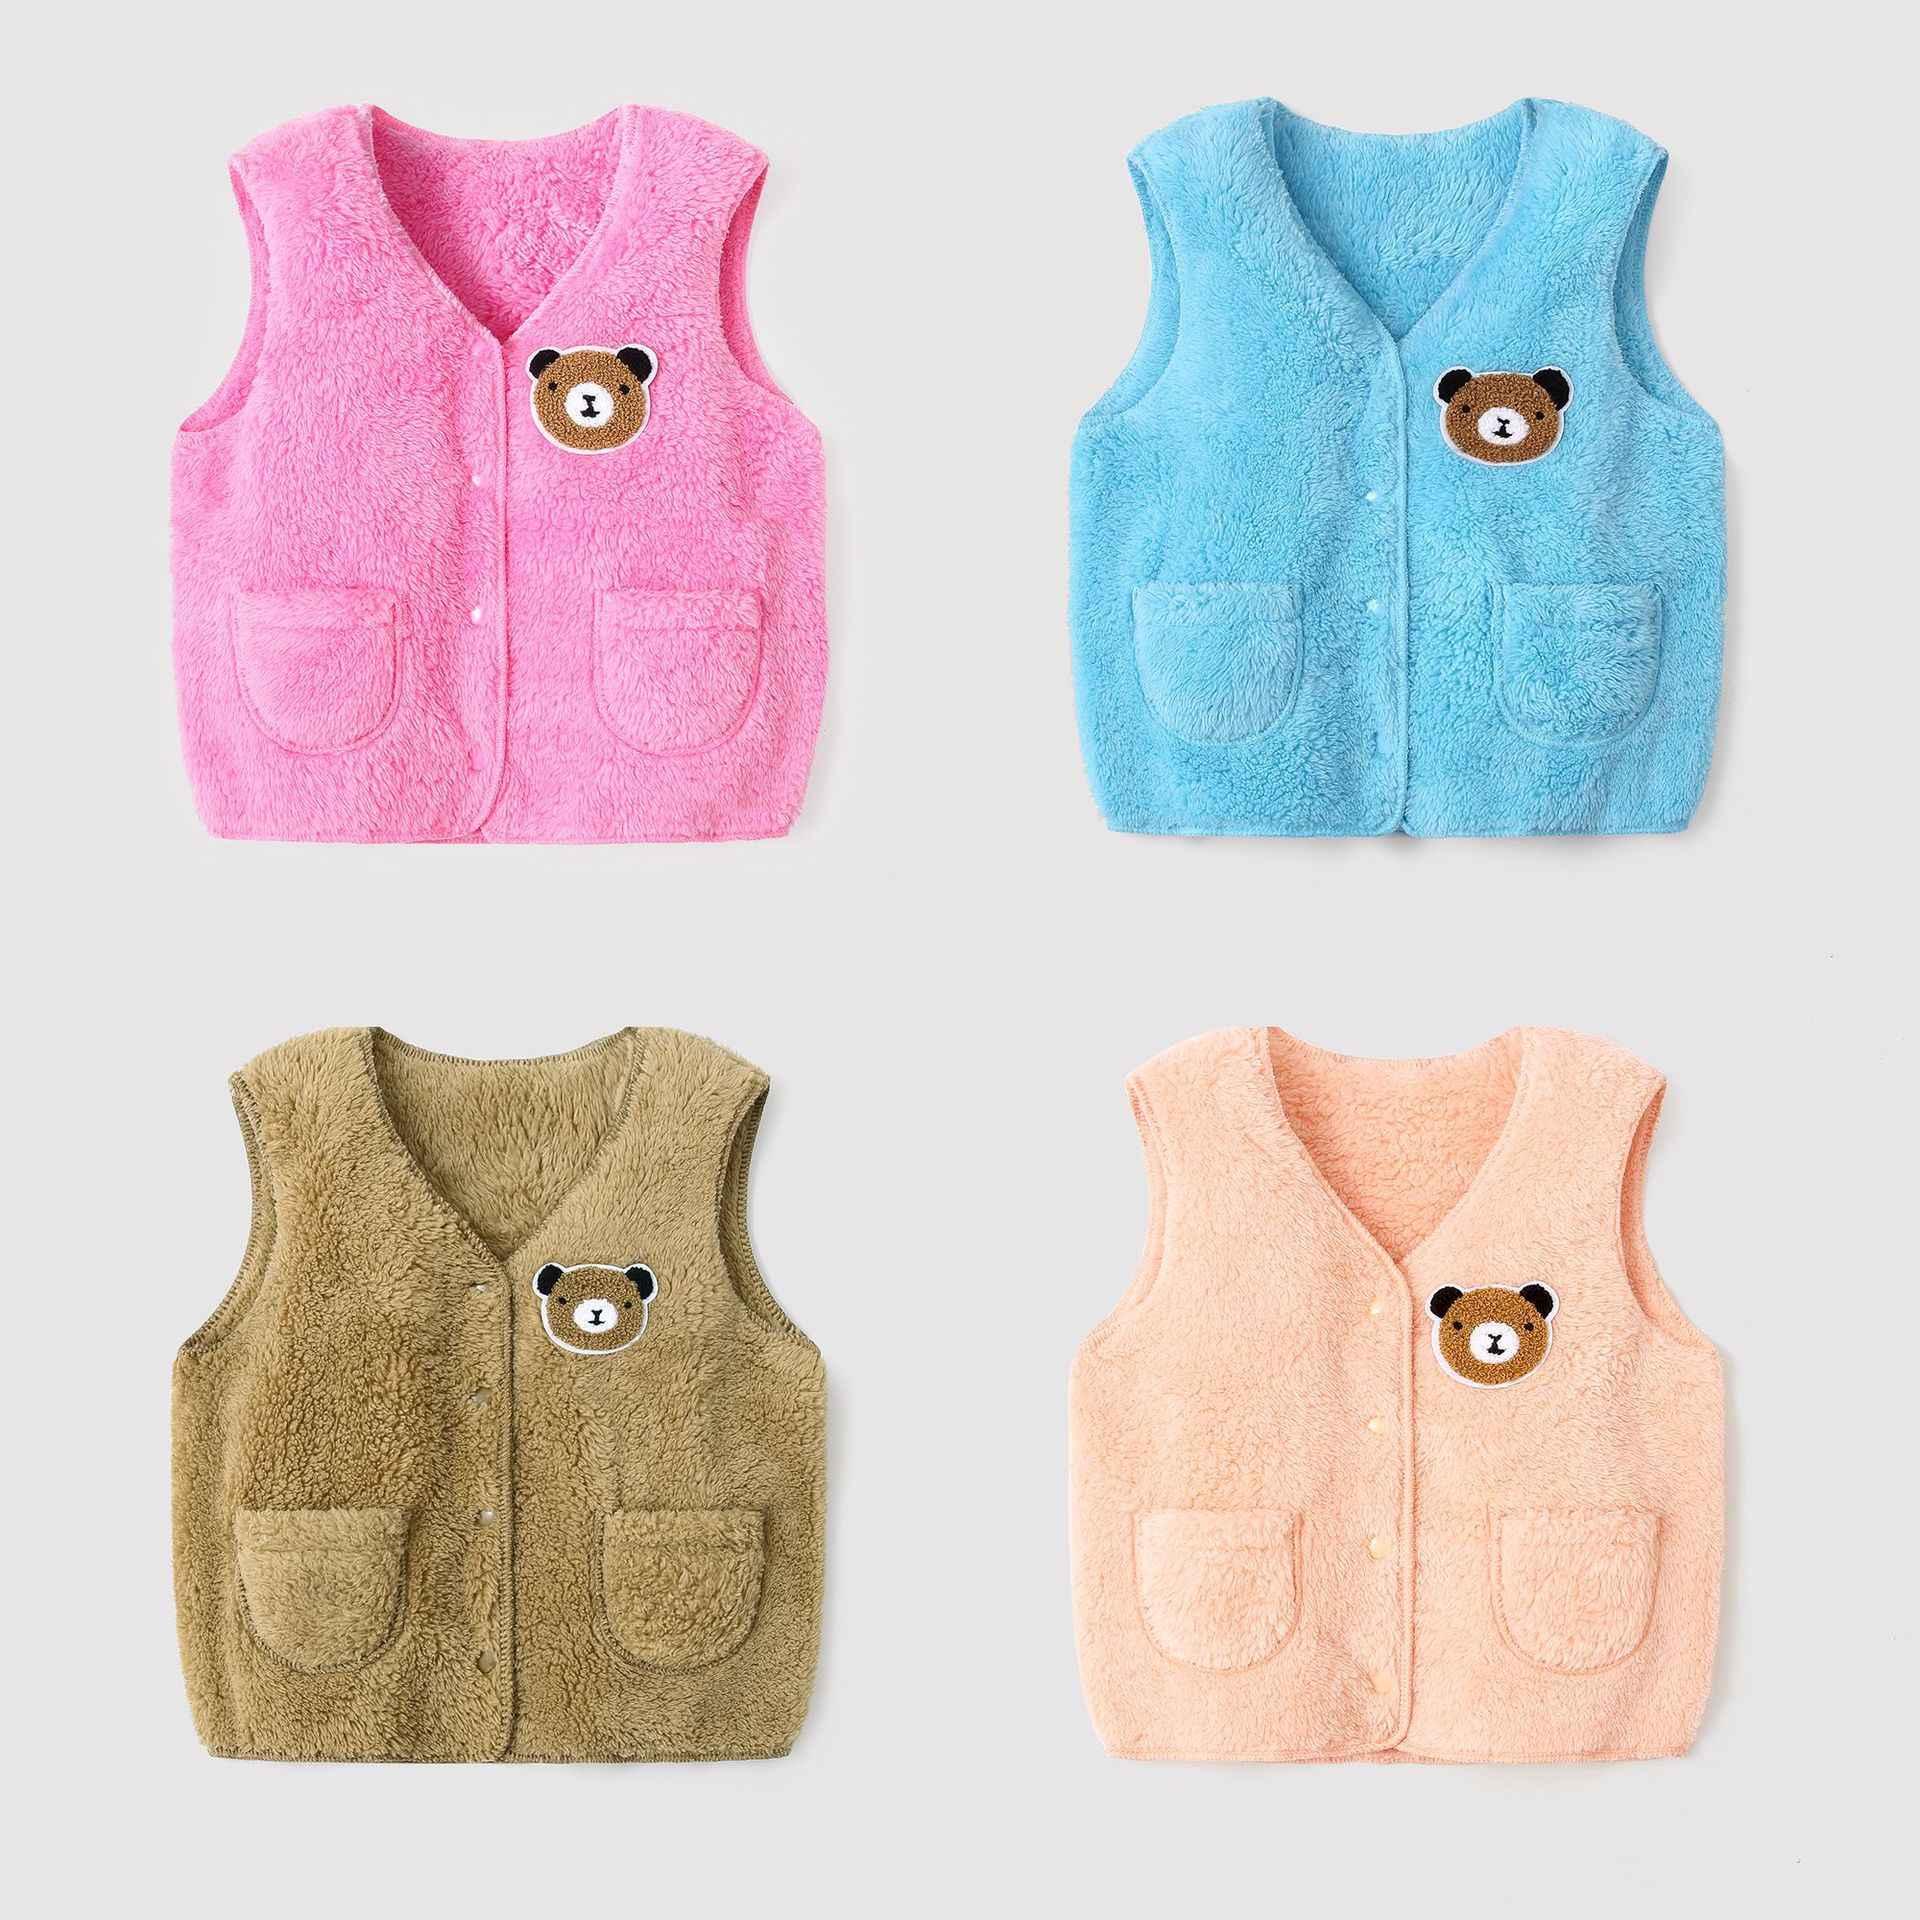 Otoño Invierno niños Chaleco de piel bebé chaleco niños chaleco ligero para niña niño niños ropa exterior chaqueta sin mangas